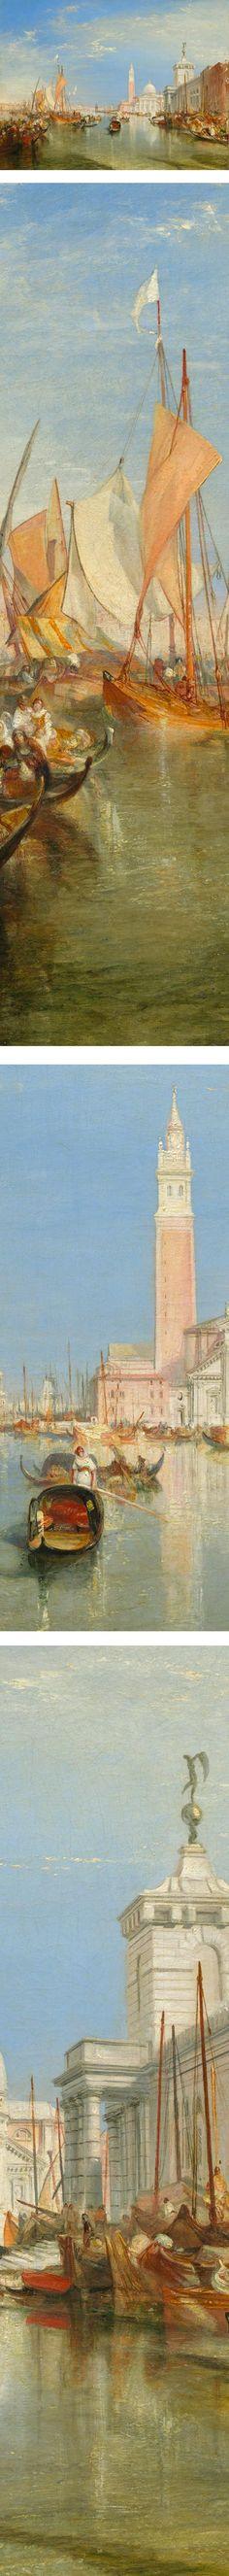 Venice: The Dogana and San Giorgio Maggiore, Joseph Mallord William Turner